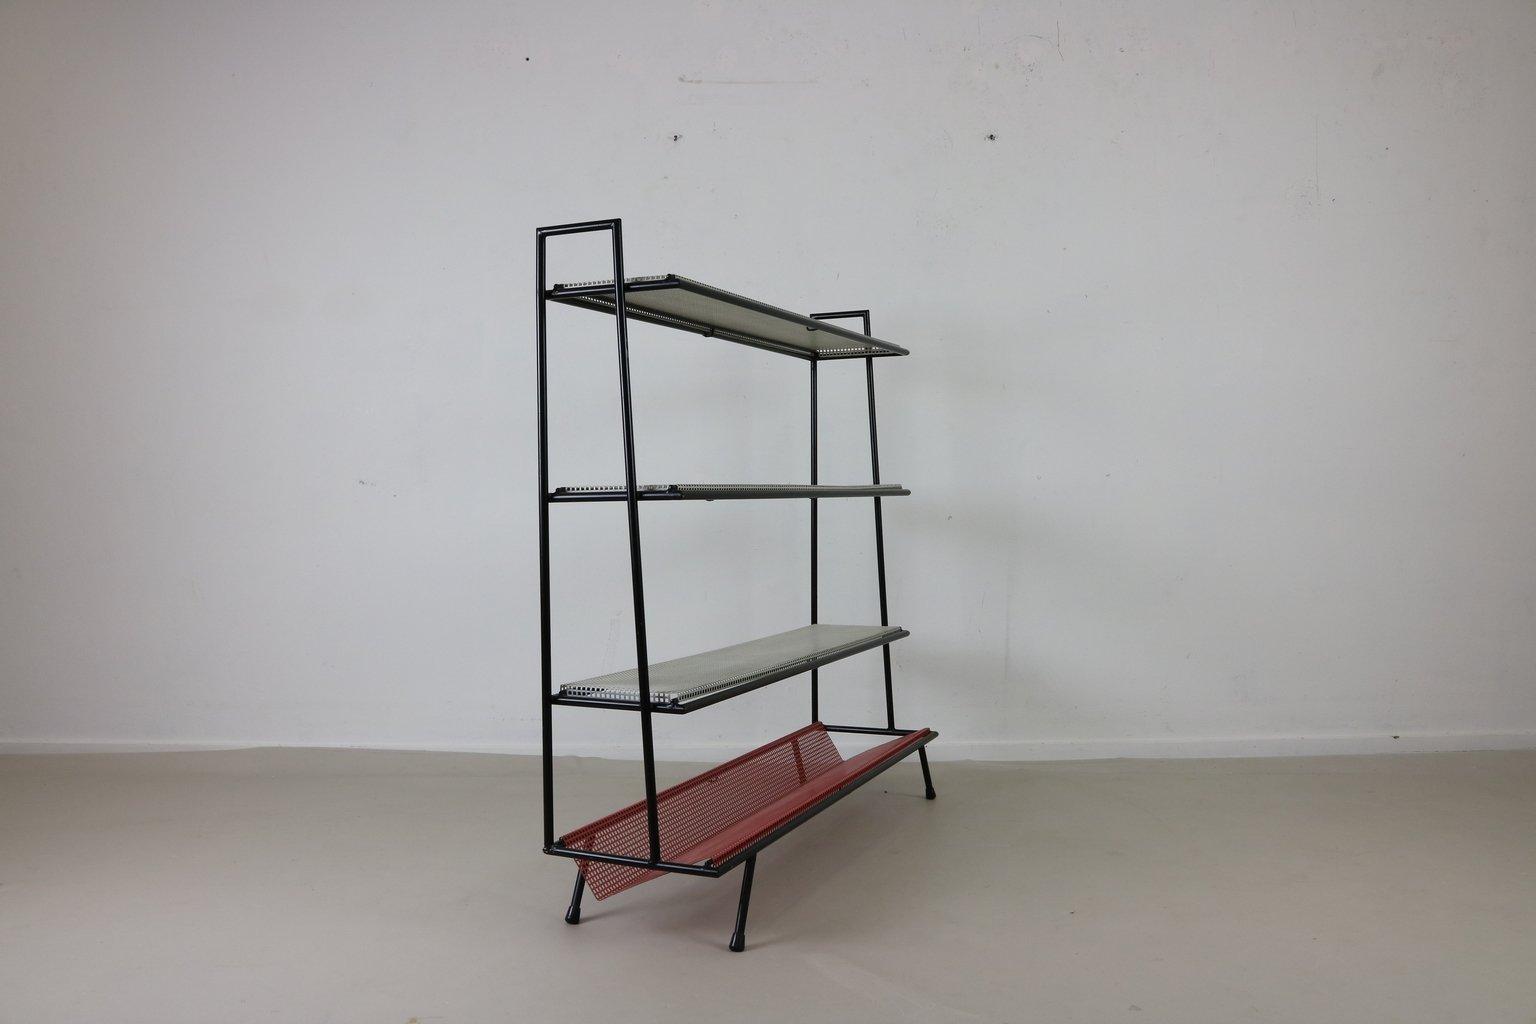 meuble de rangement en m tal perfor pays bas 1955 en vente sur pamono. Black Bedroom Furniture Sets. Home Design Ideas